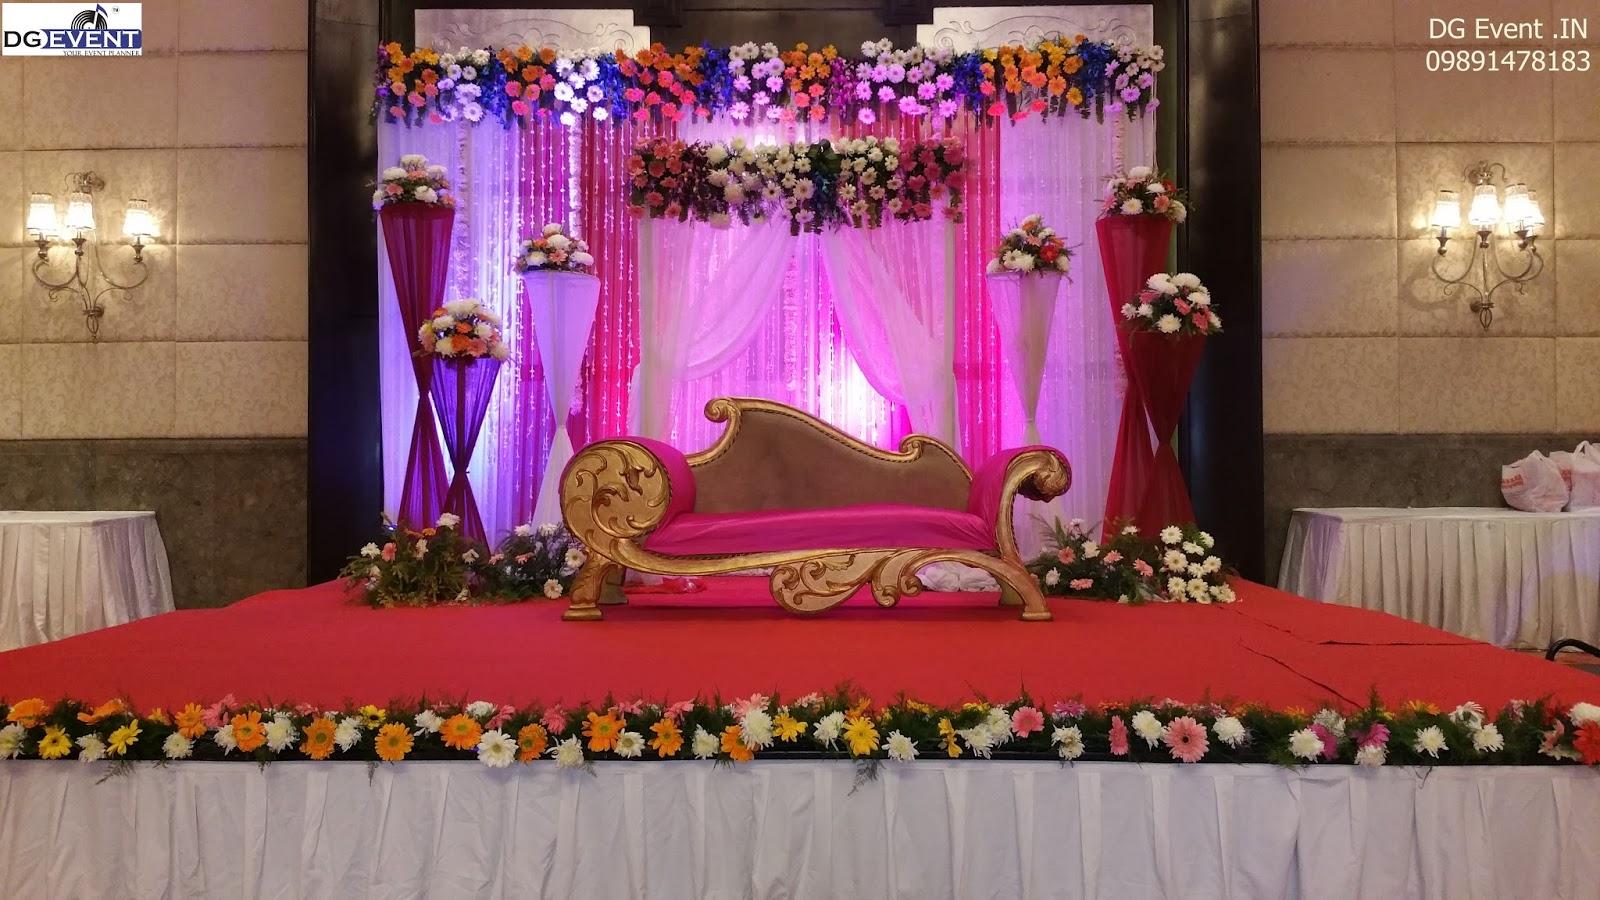 Dj videek event update light pink flowers decorations in gurgaon wedding planner in gurgaon best flower decorator in delhi gurgaon dgeventwedding planner organizerpyoutubechannel junglespirit Choice Image